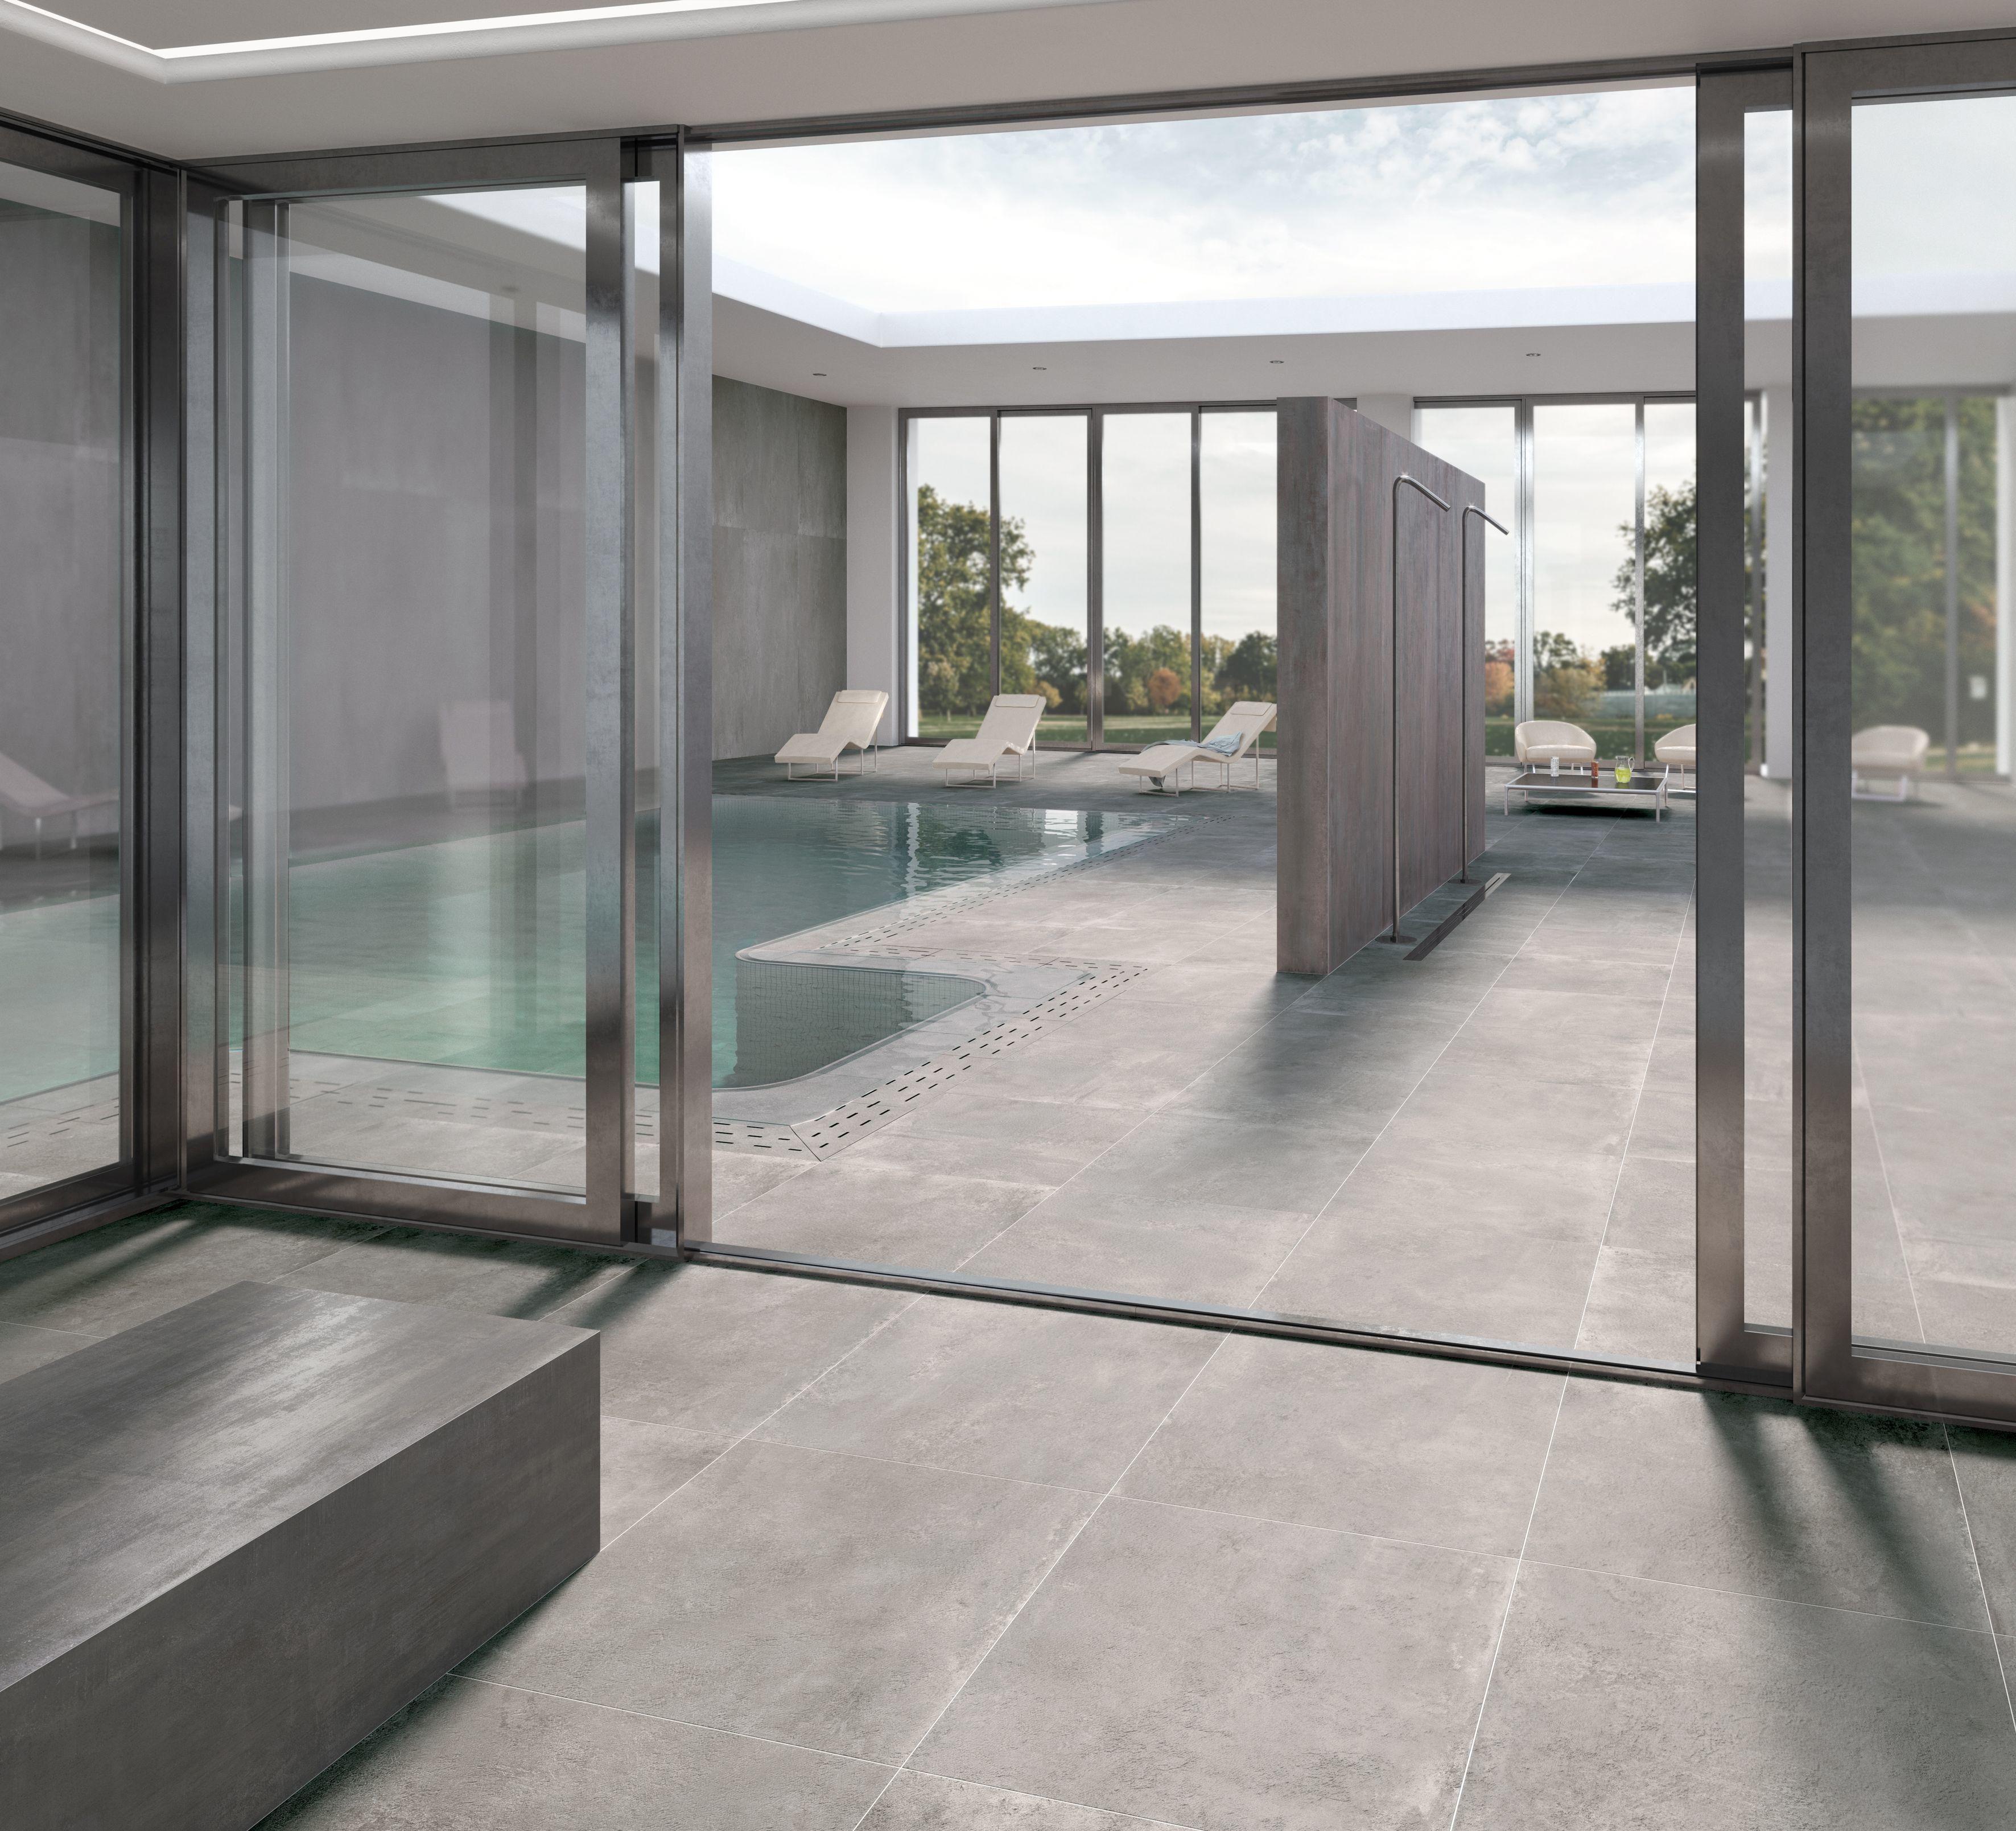 Somptueuse Et Elegante Piscine Exterieure Style Contemporain Et Couleurs Grises Le Metal Et Le Ciment Carrelage Interieur Carrelage Terrasse Carrelage